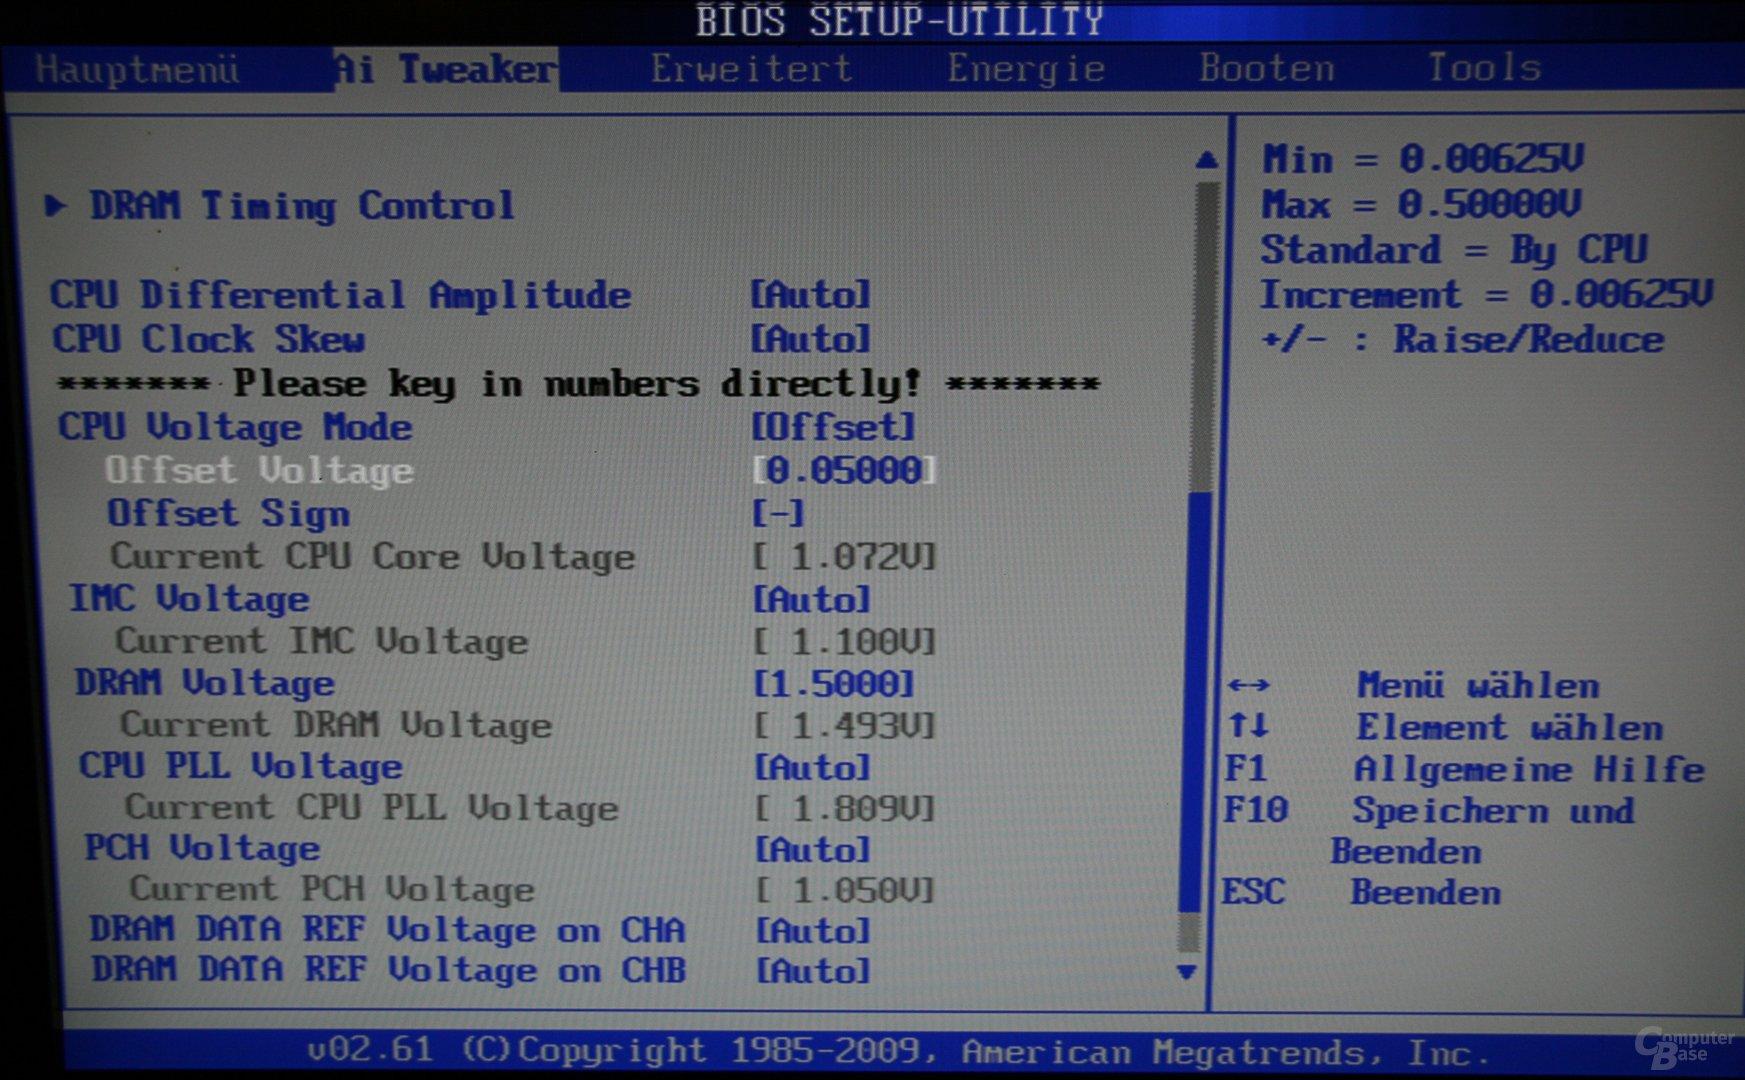 Offset-Spannungsveränderung im BIOS